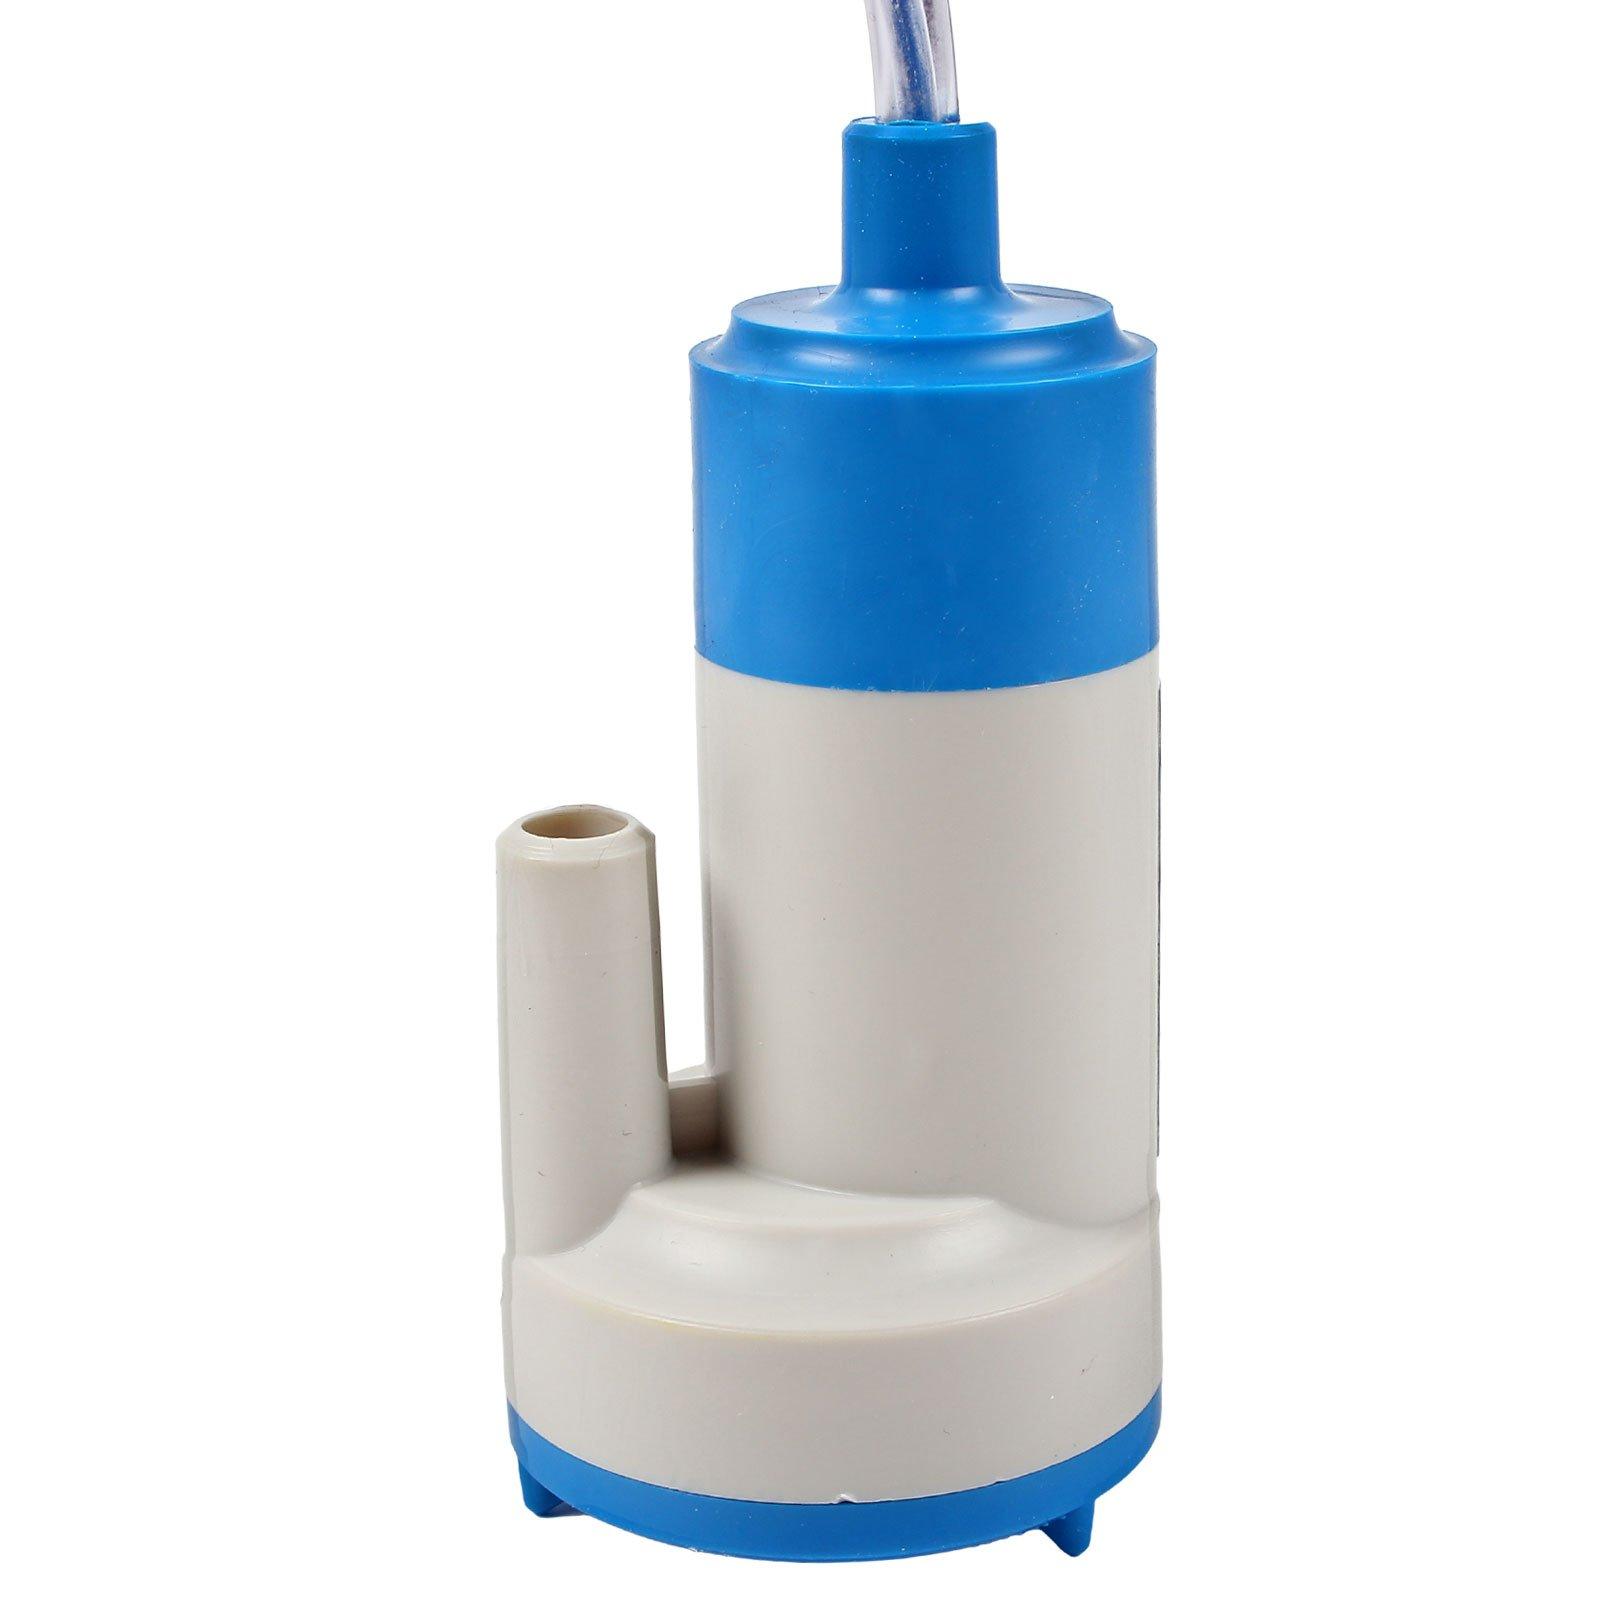 roulotte altezza: 135/mm 12 V/ Rubinetto con pompa sommersa per camper /in Plastica ABS 90/g Bianco